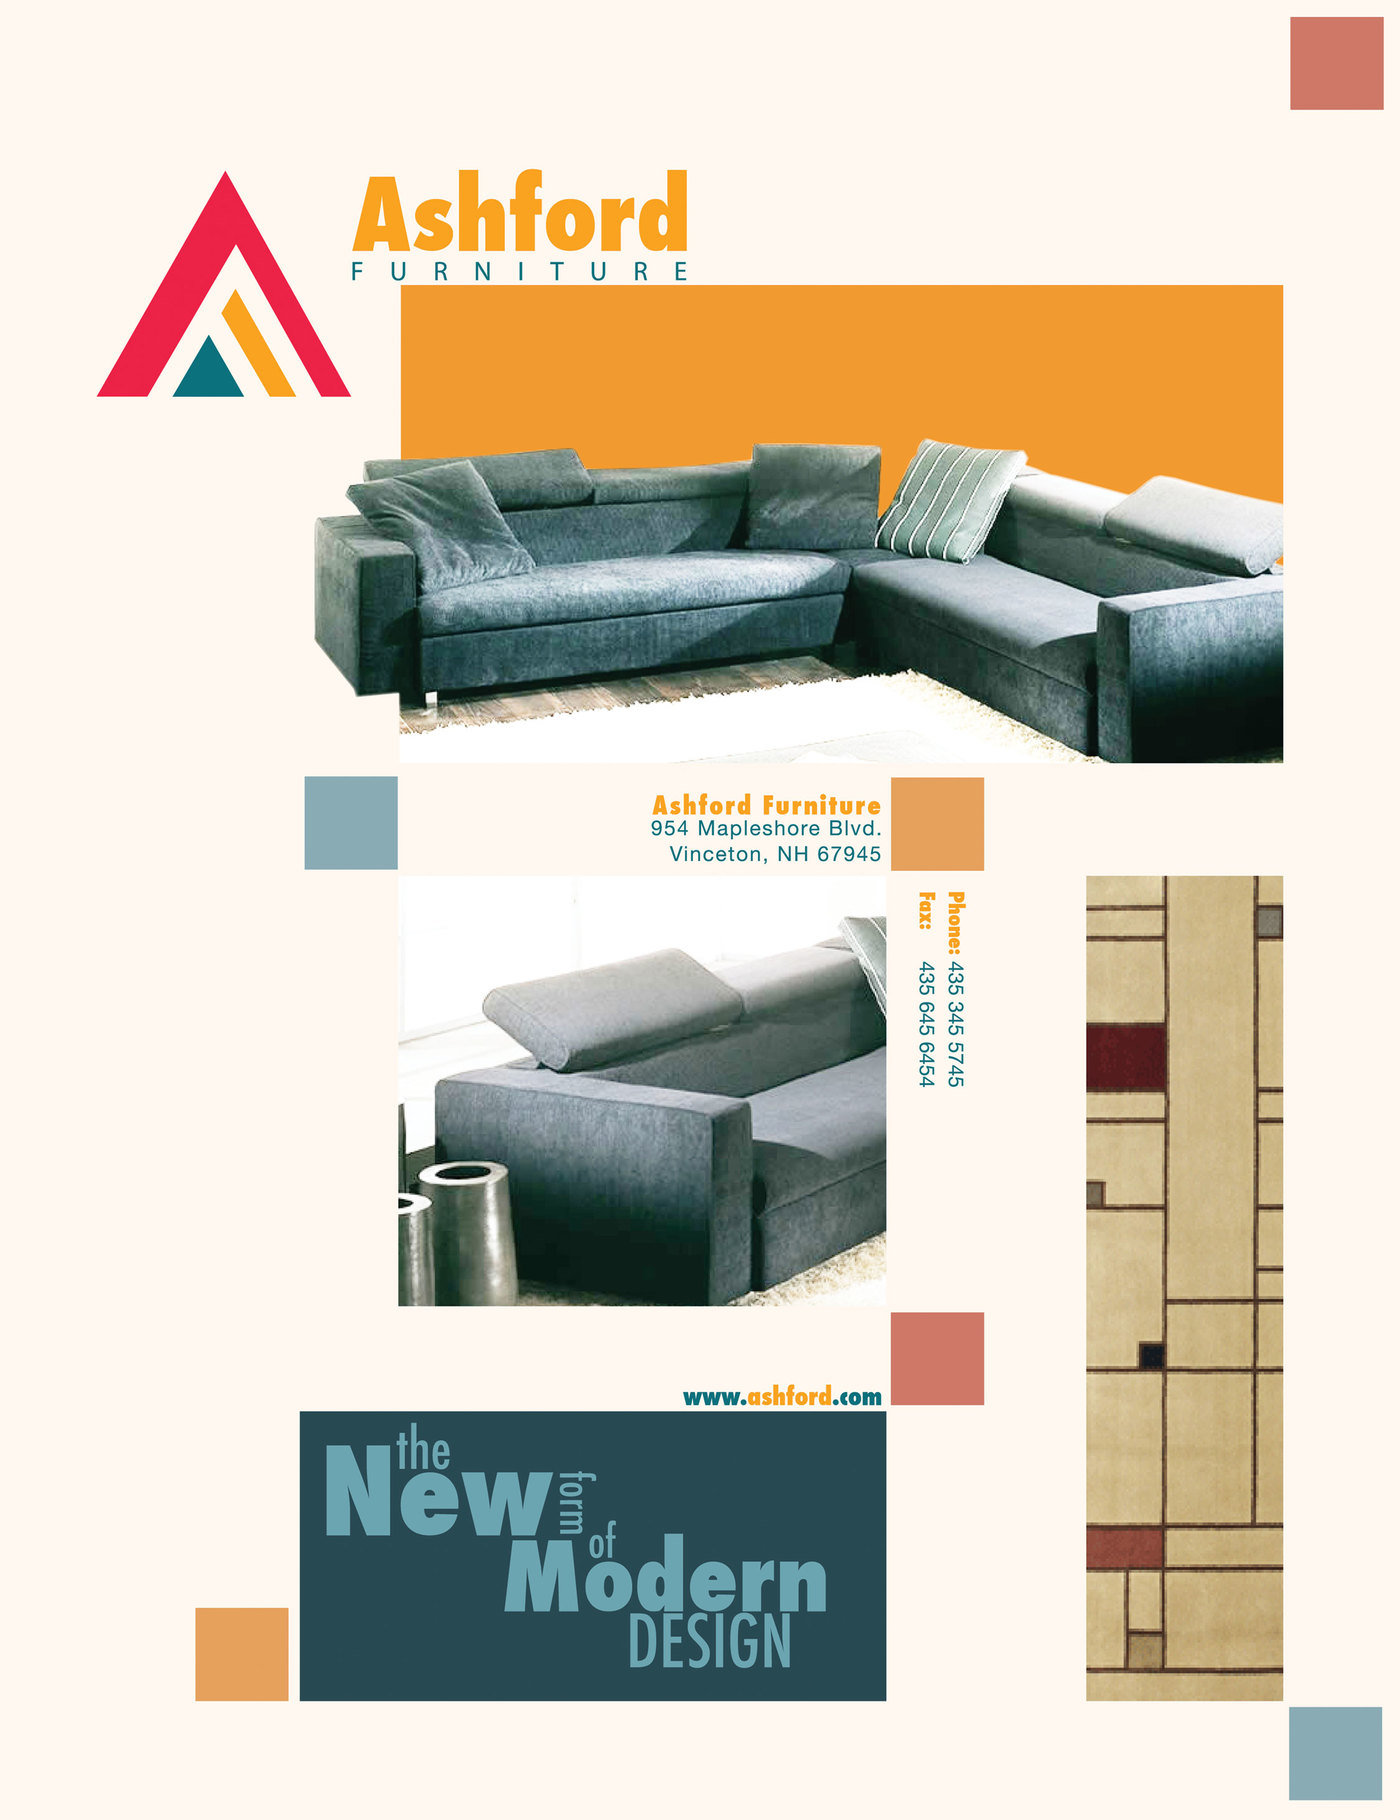 Ashford Furniture Poster 2